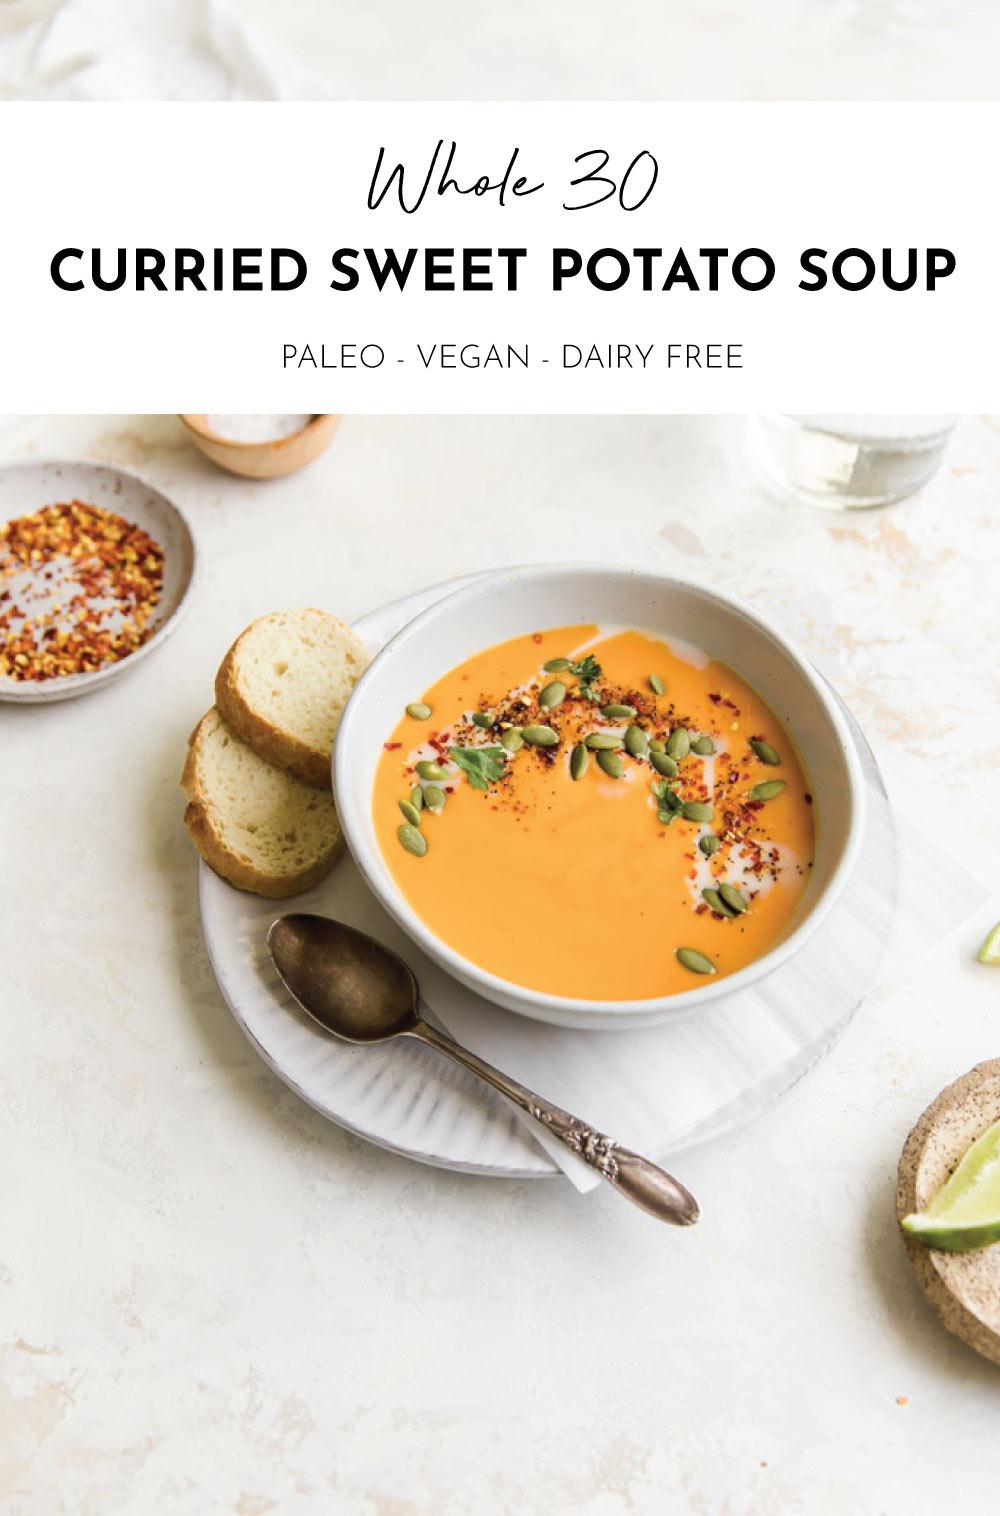 Whole 30 Curried Sweet Potato Soup